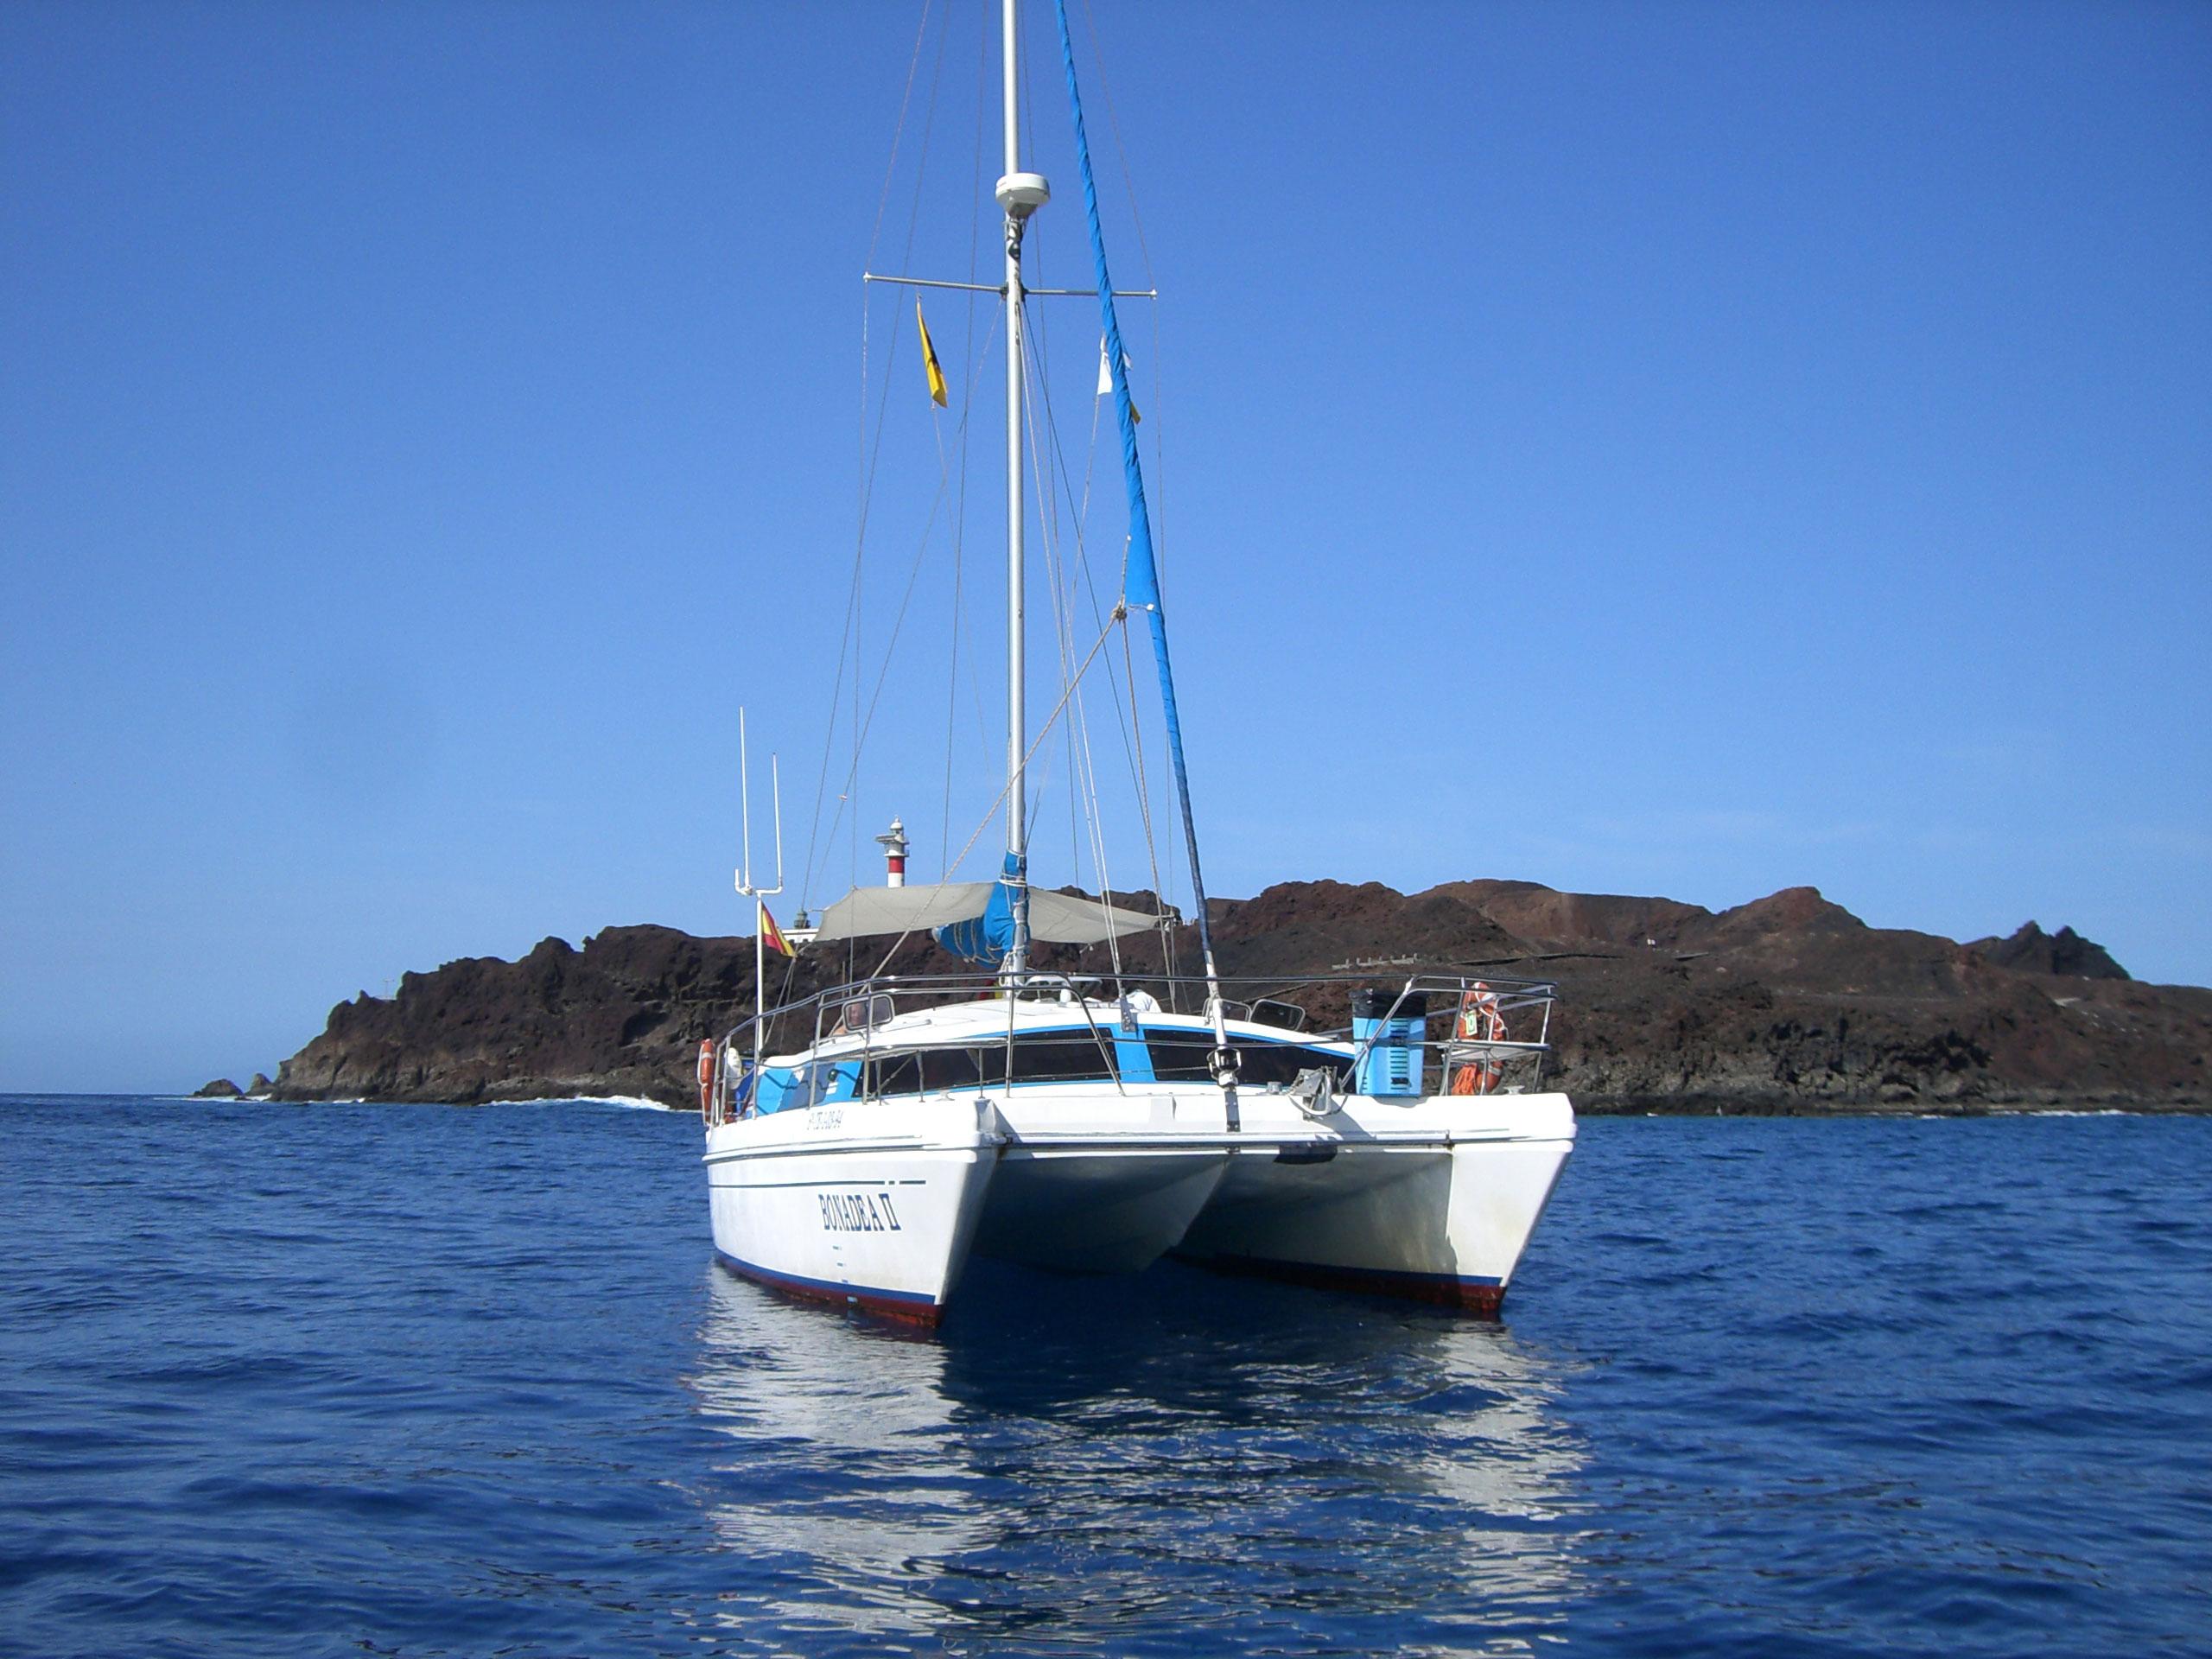 Bonadea II Catamaran – 2h Boat Trip